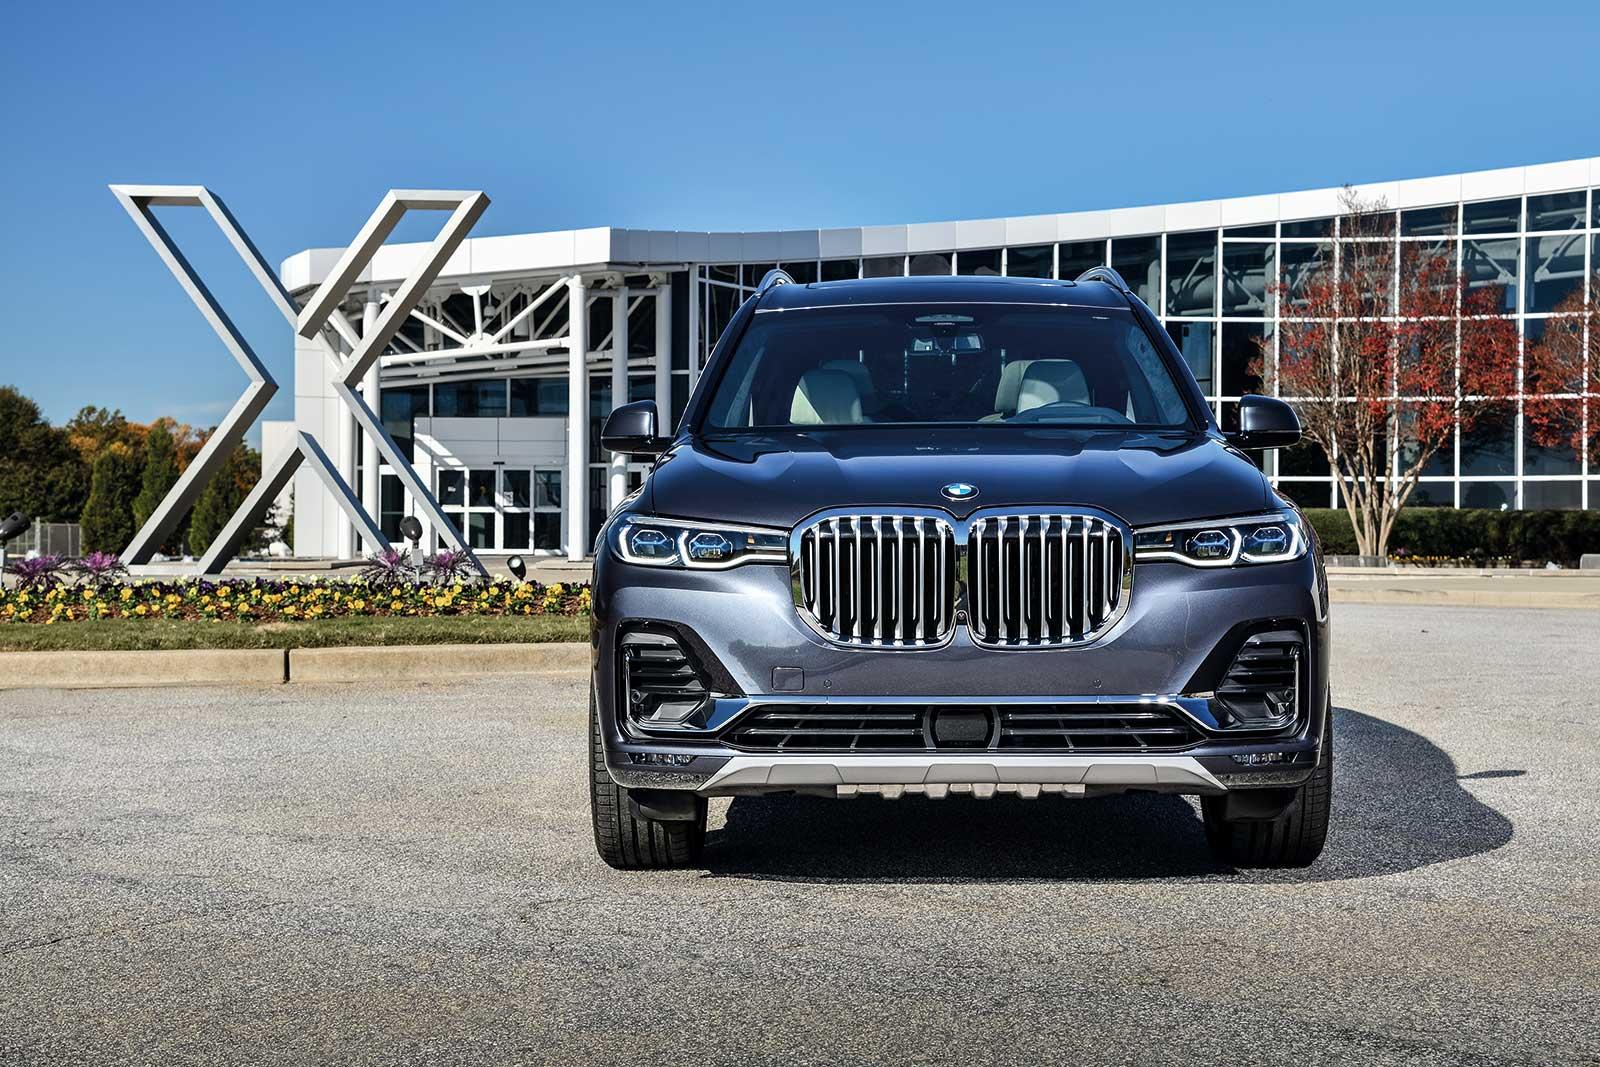 Die Frontpartie des neuen BMW X7 wird von der größten jemals für ein Modell der Marke gestalteten BMW Niere dominiert.